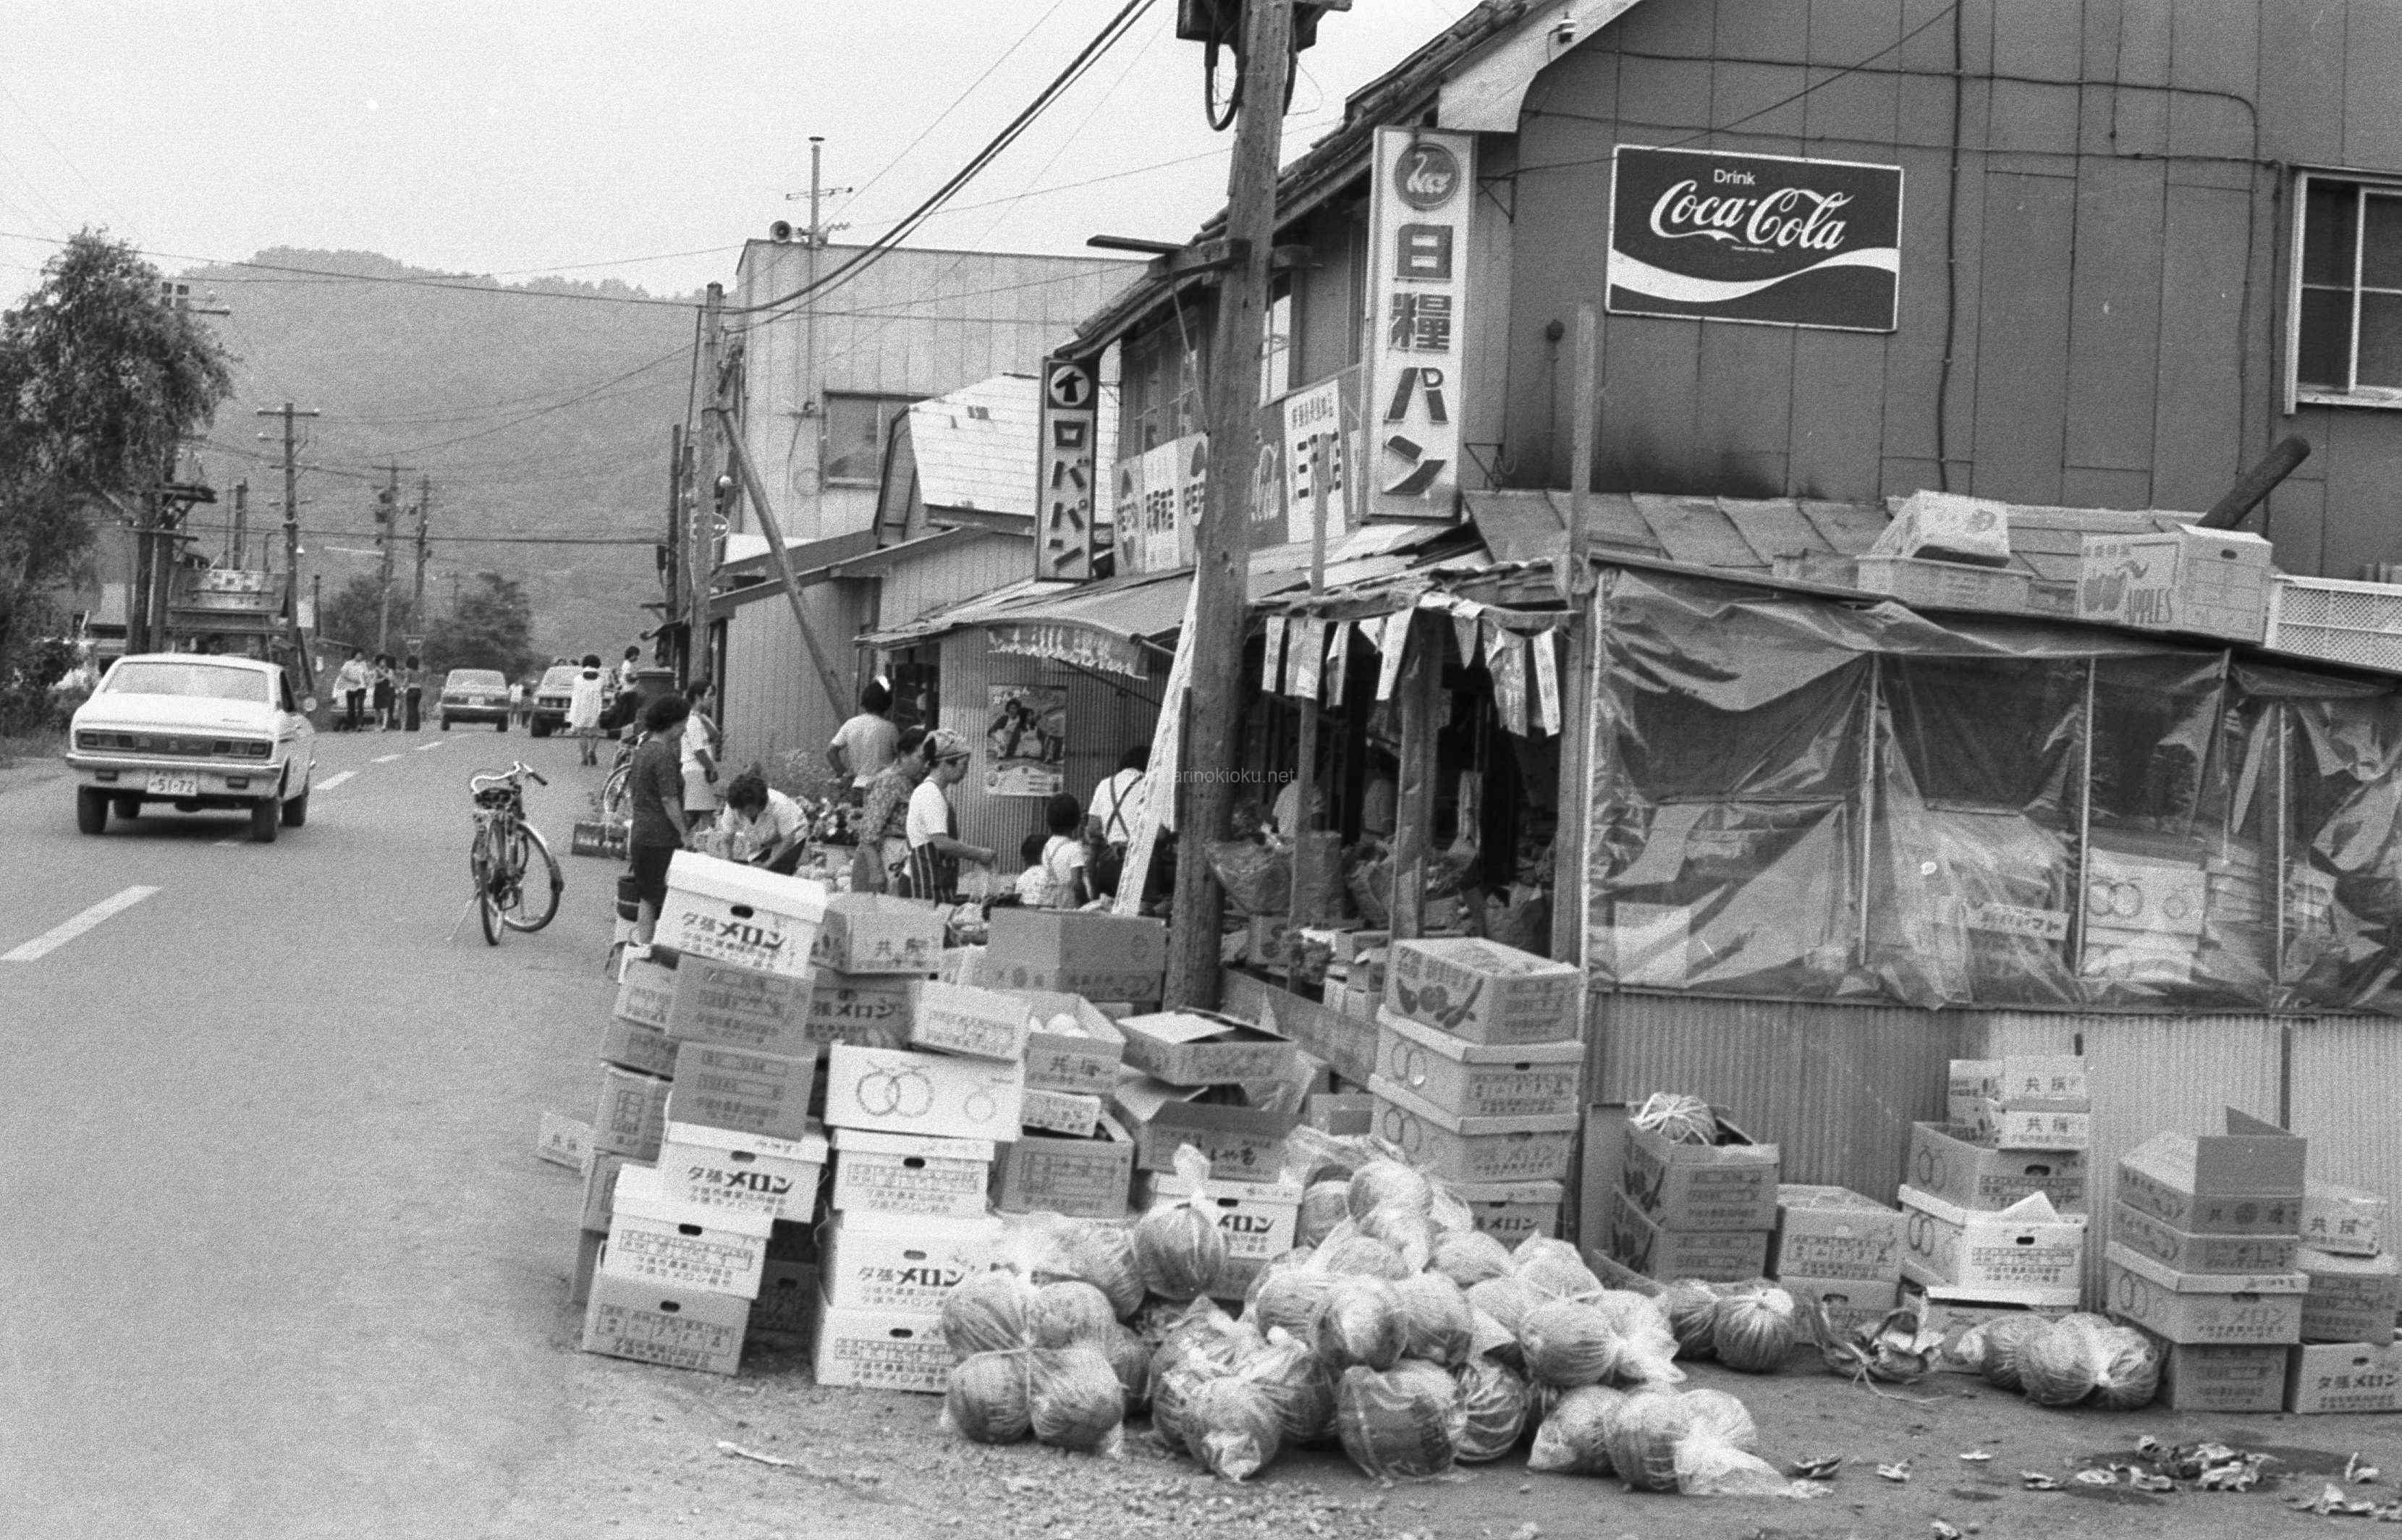 盛夏を過ぎた頃、スイカが山積みの三沢商店